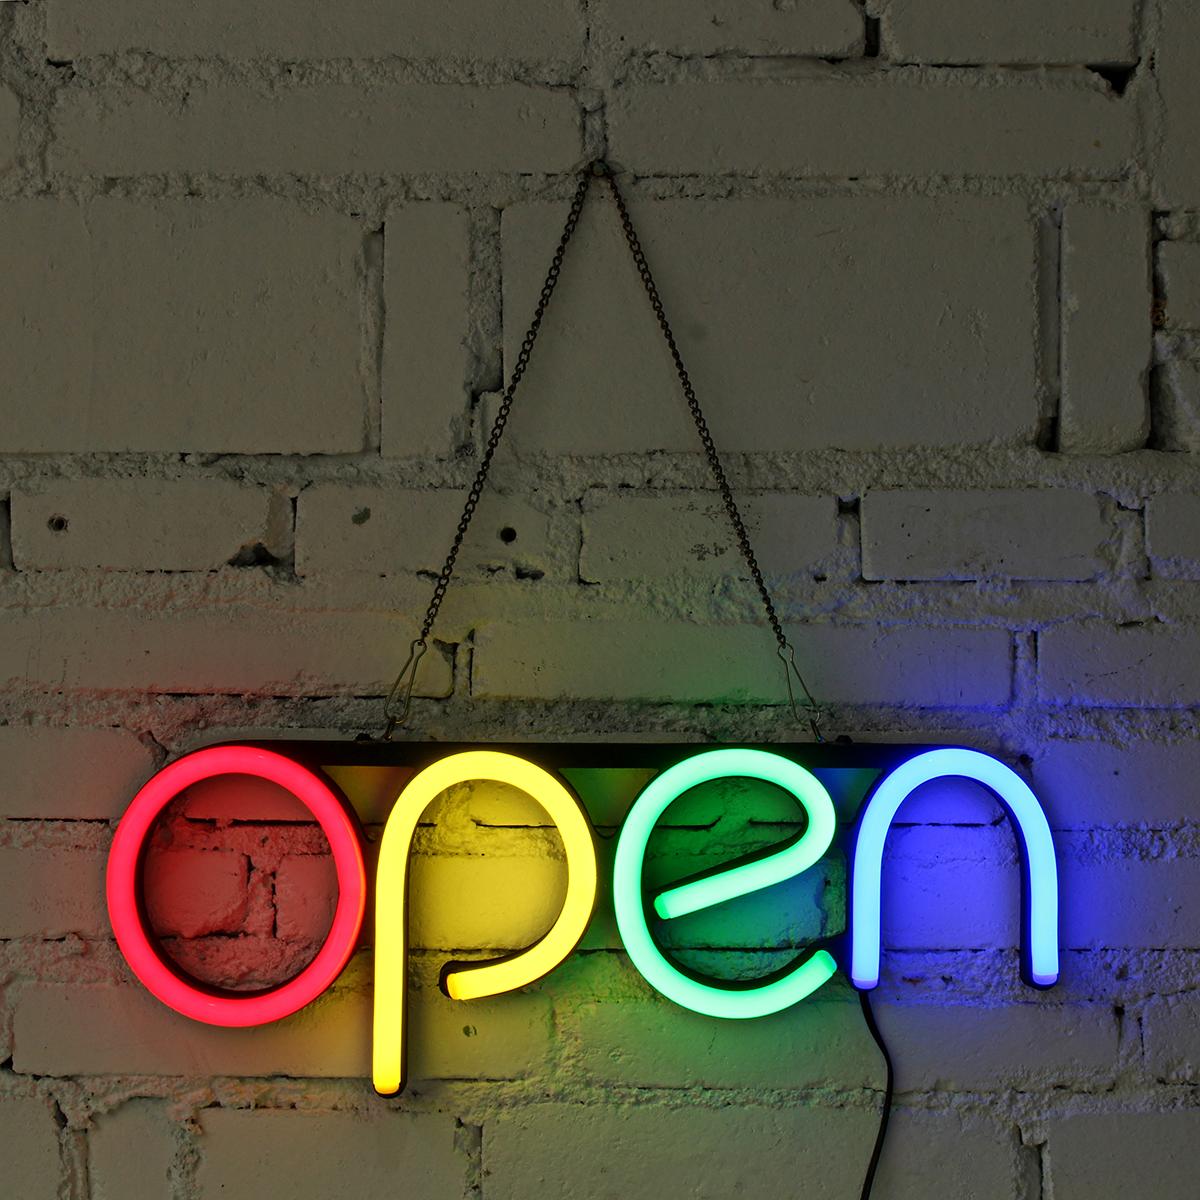 Lampade Al Neon Da Parete sconto le luci a barre al neon sono aperte   2020 le luci a